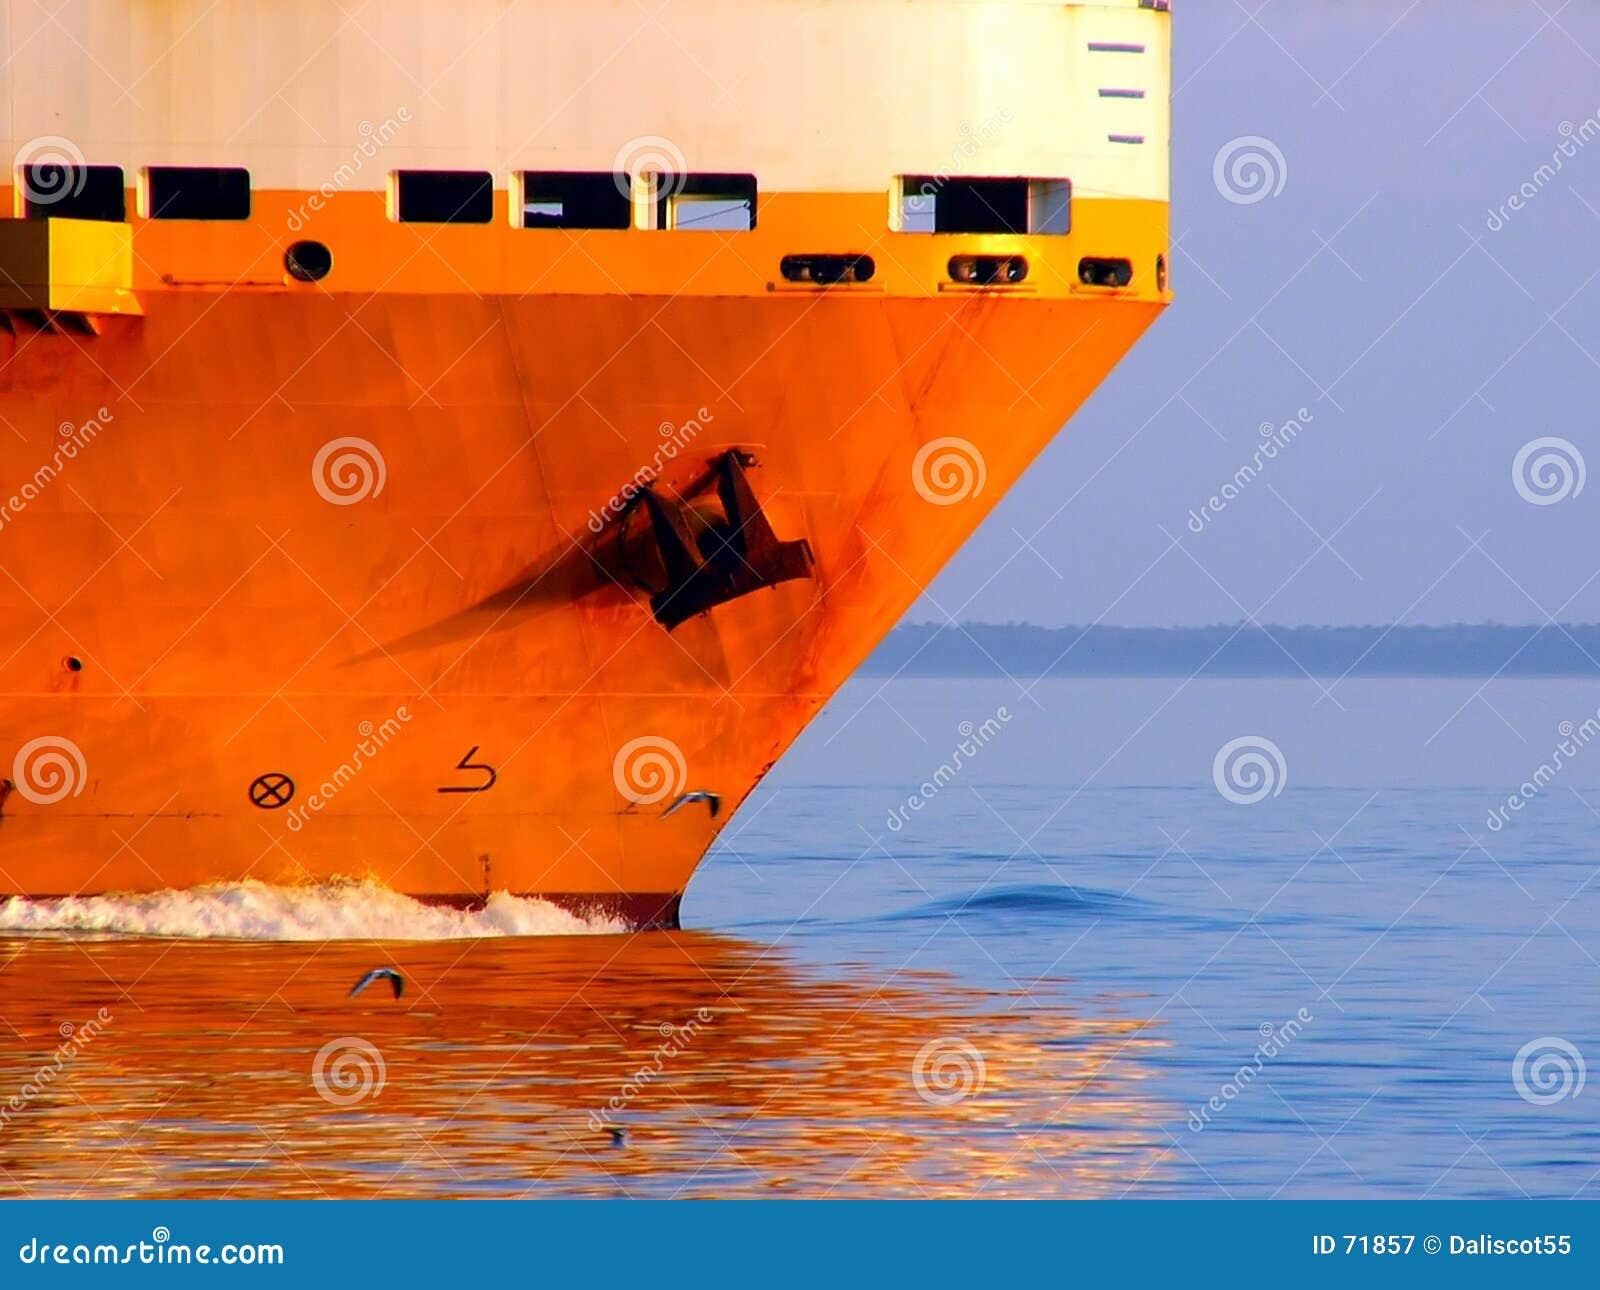 Bowships